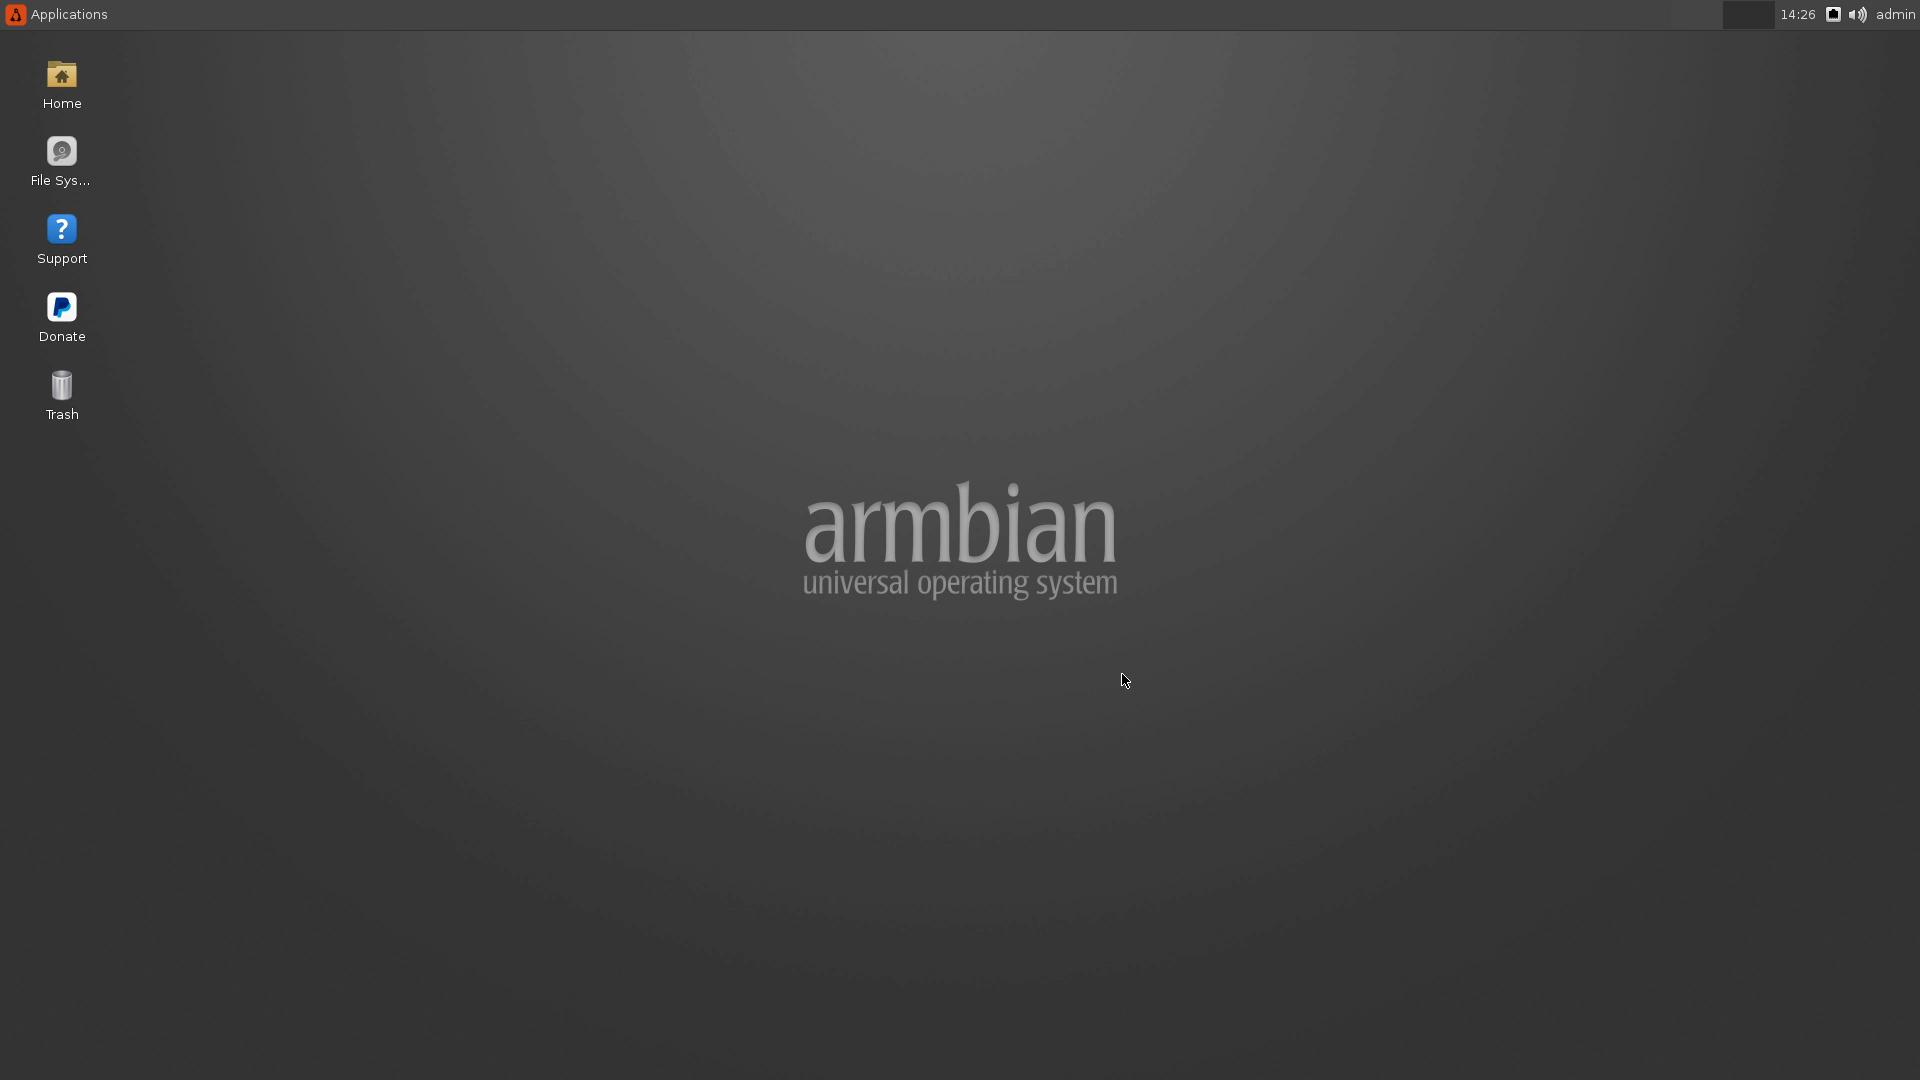 Установка и настройка Armbian на Orange Pi PC - MicroPi